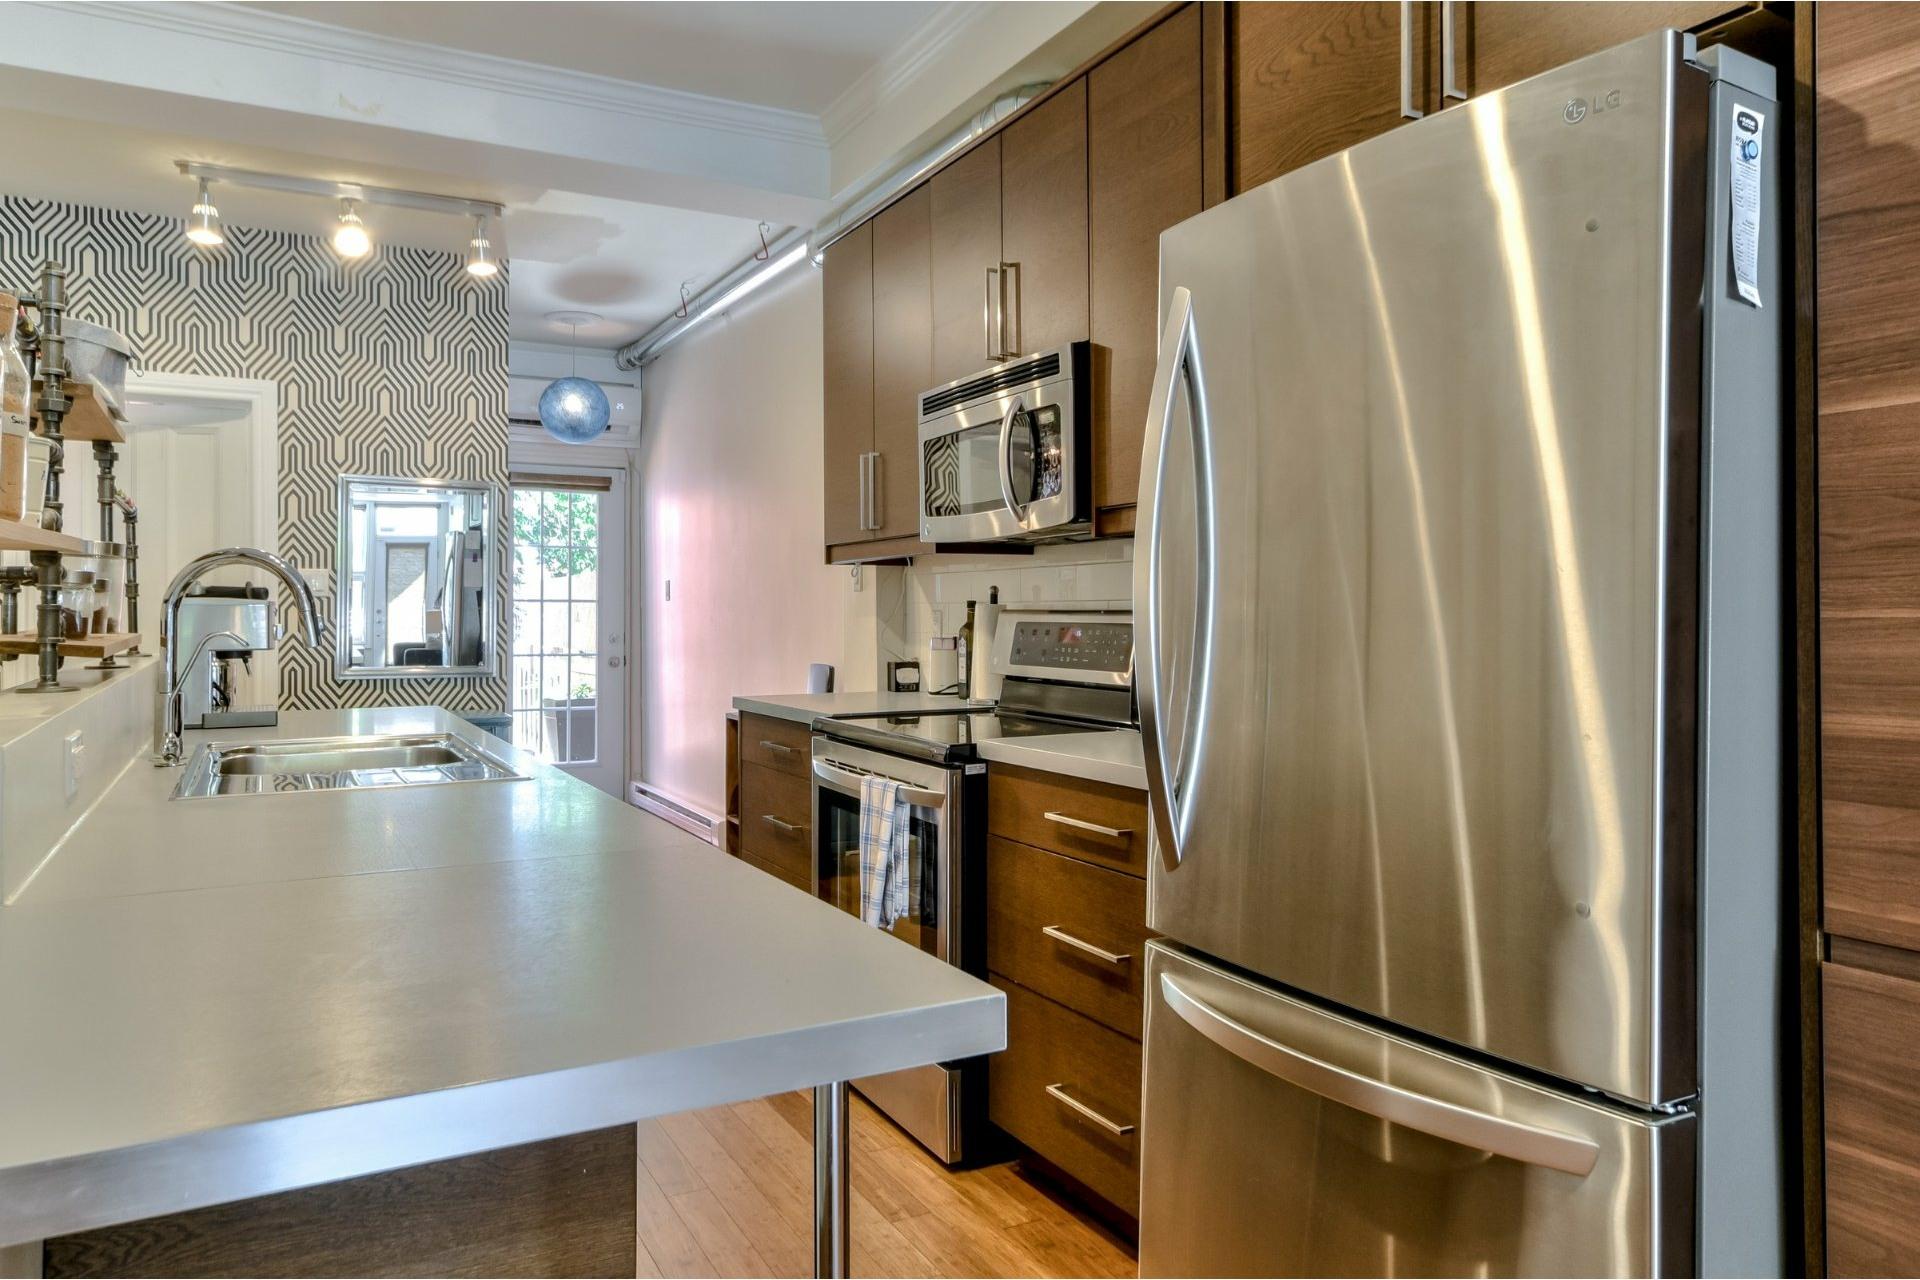 image 12 - Apartment For sale Le Plateau-Mont-Royal Montréal  - 5 rooms